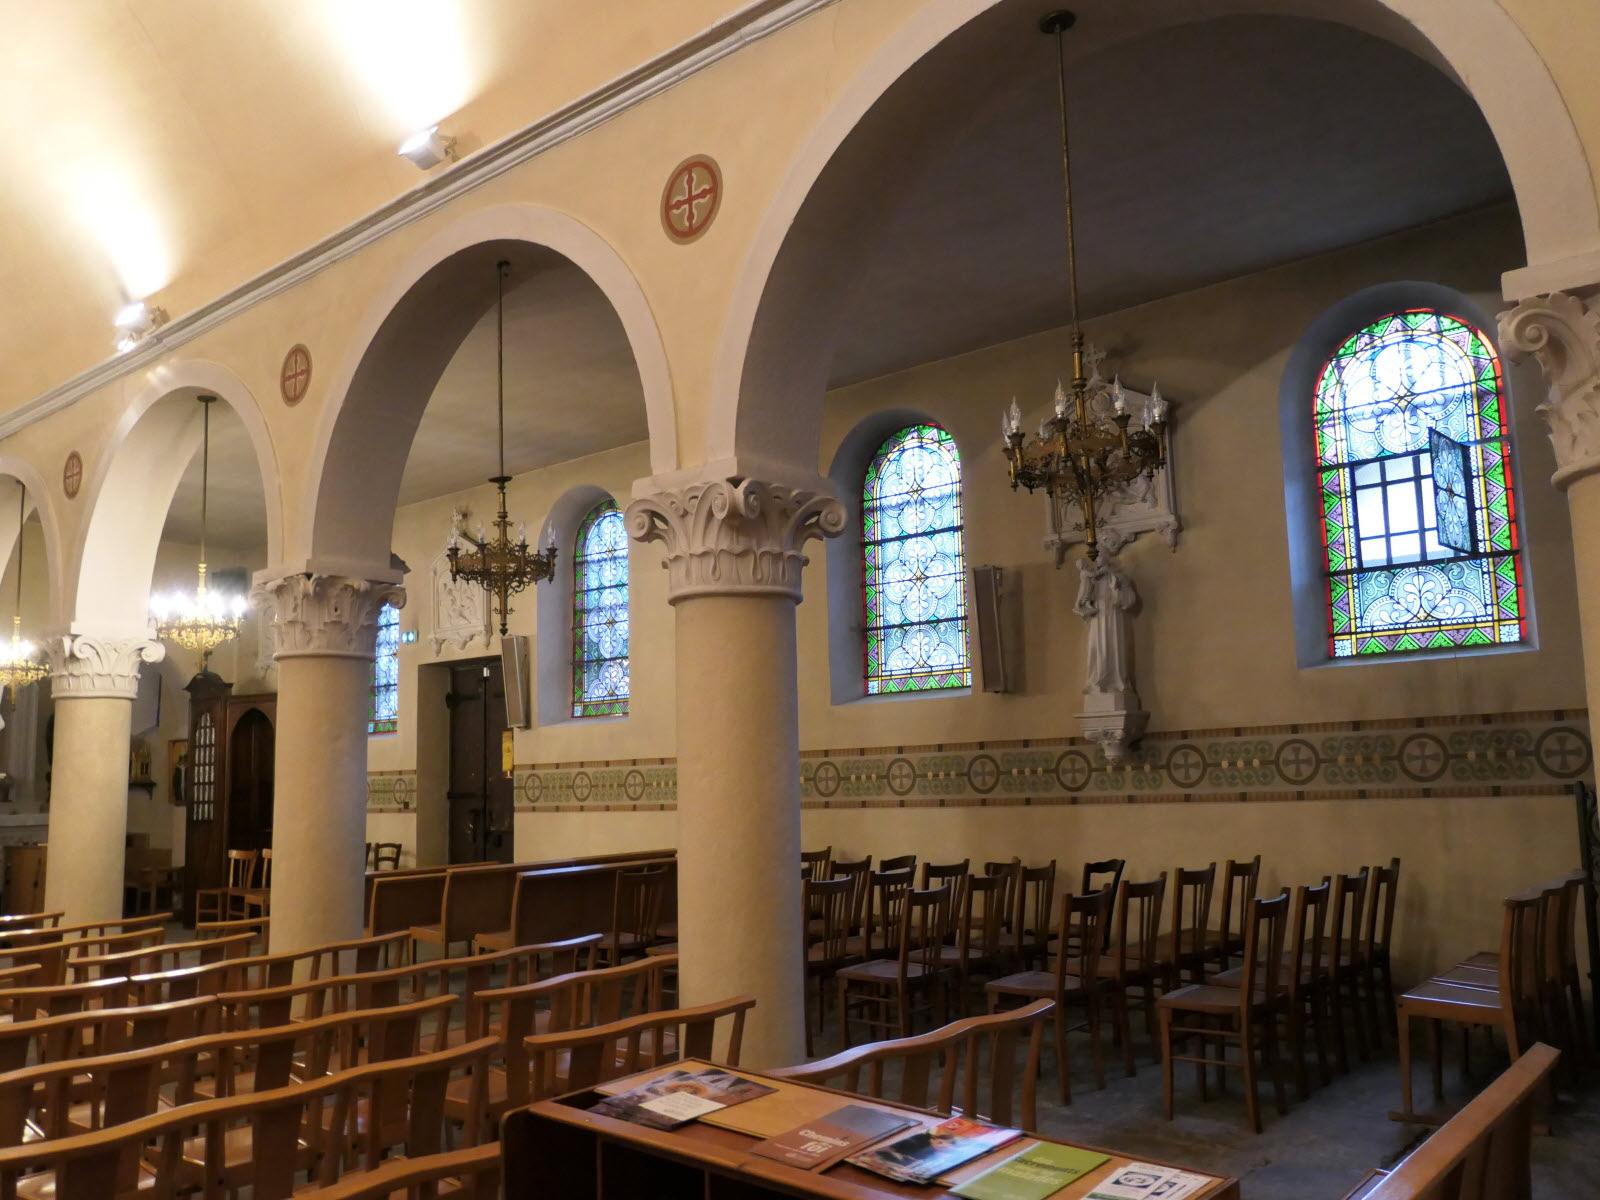 Cailloux-Sur-Fontaines | Cailloux-Sur-Fontaines : « Chantons pour Caillou Fete Noel